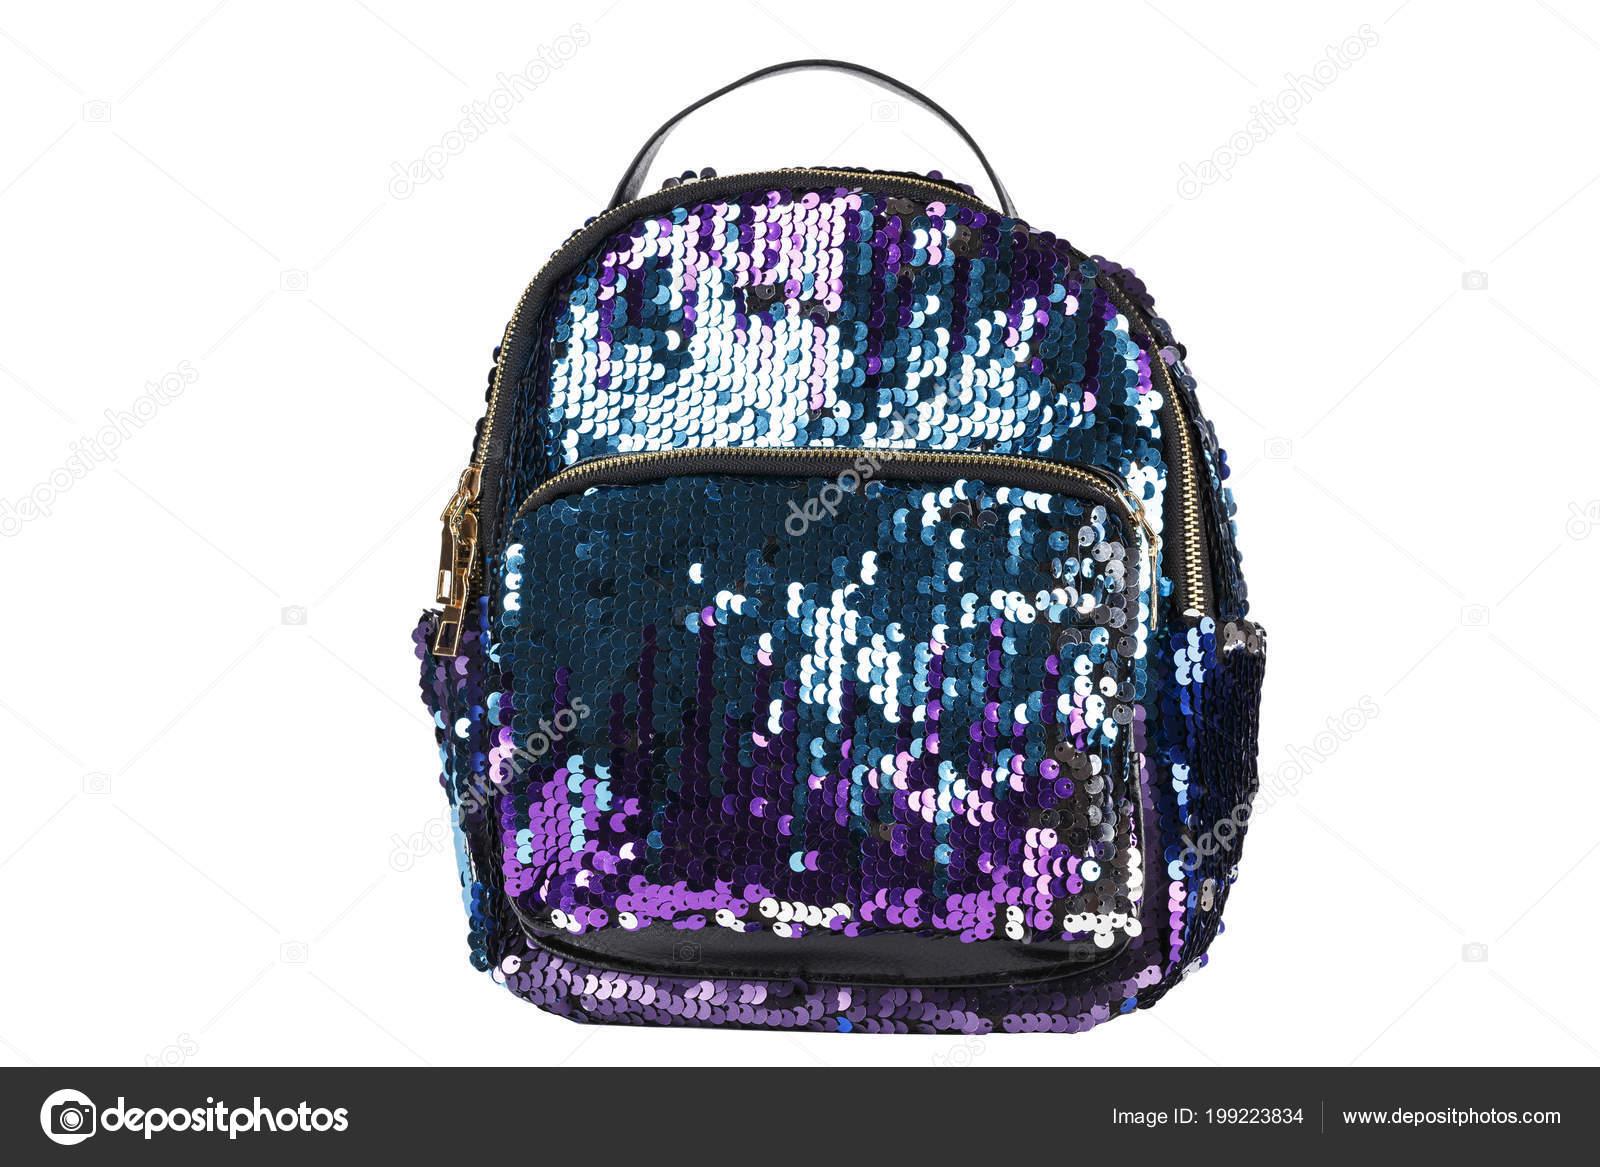 c66401bb125 Γυναικείο σακίδιο πλάτης σε πούλιες ή αστράφτει μπλε-βιολετί σε άσπρο  φόντο, απομονωμένη. pat αποκοπής — Εικόνα από ...